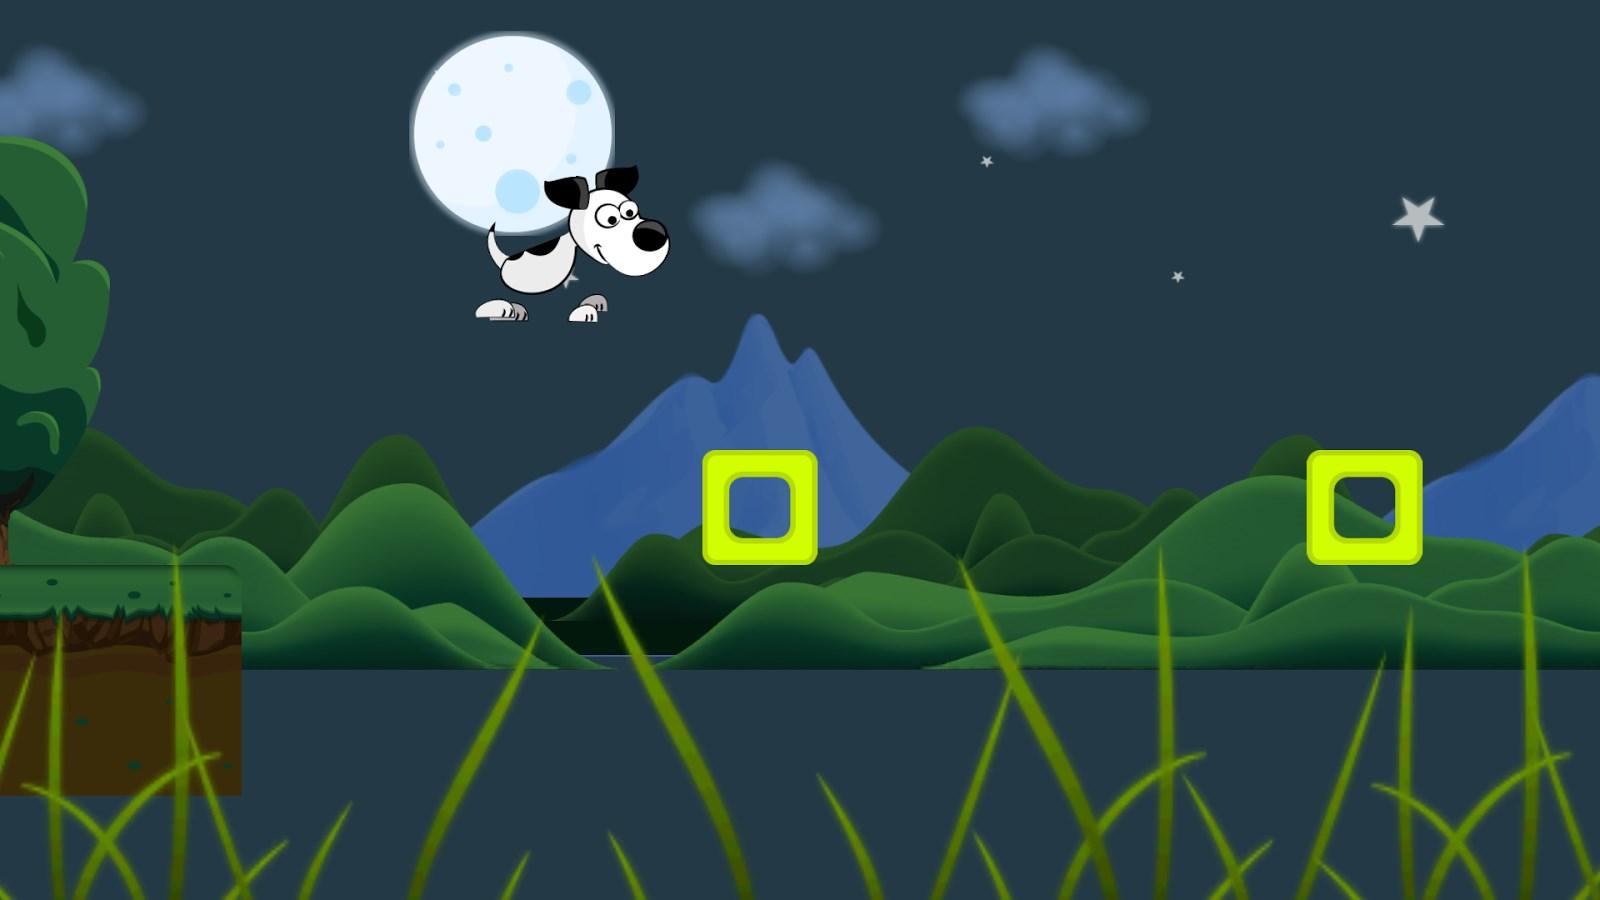 Dogx - You Escape The Catcher - Imagem 1 do software